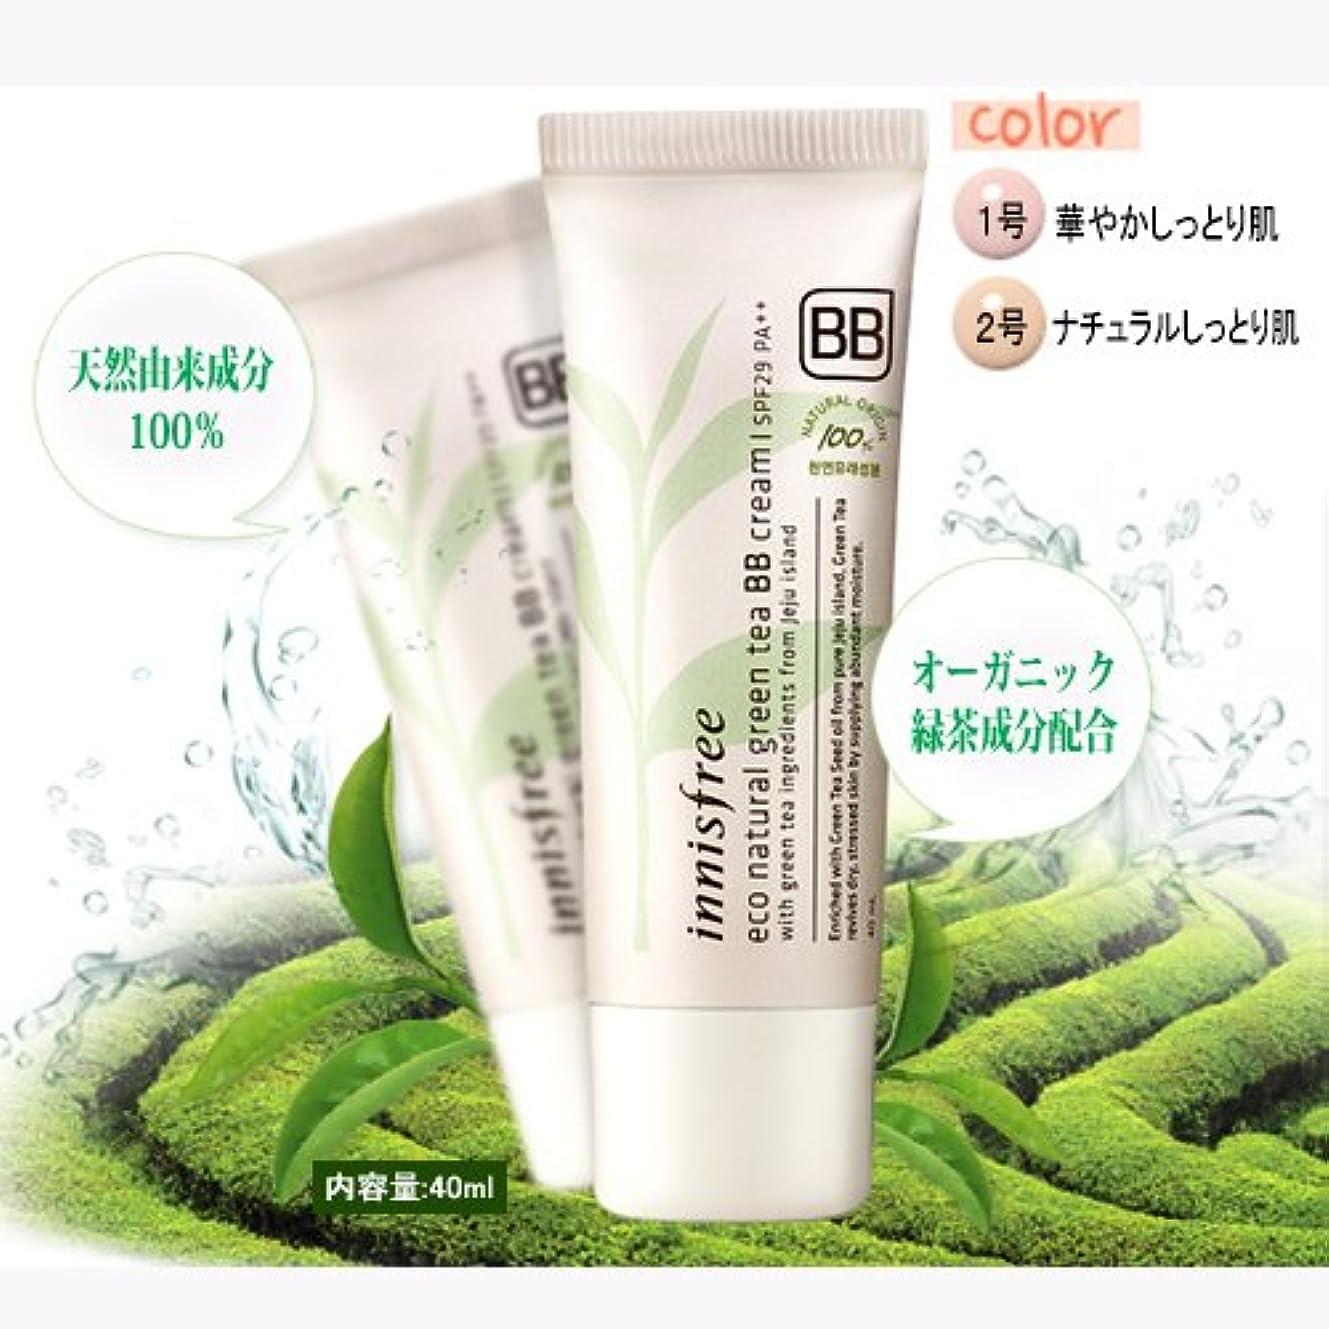 テレマコス通常保持innisfree/イニスフリー Eco Natural Green Tea BB Cream #01 /エコナチュラルグリーンティーBBクリーム 華やかなしっとり肌 SPF29PA++40ml